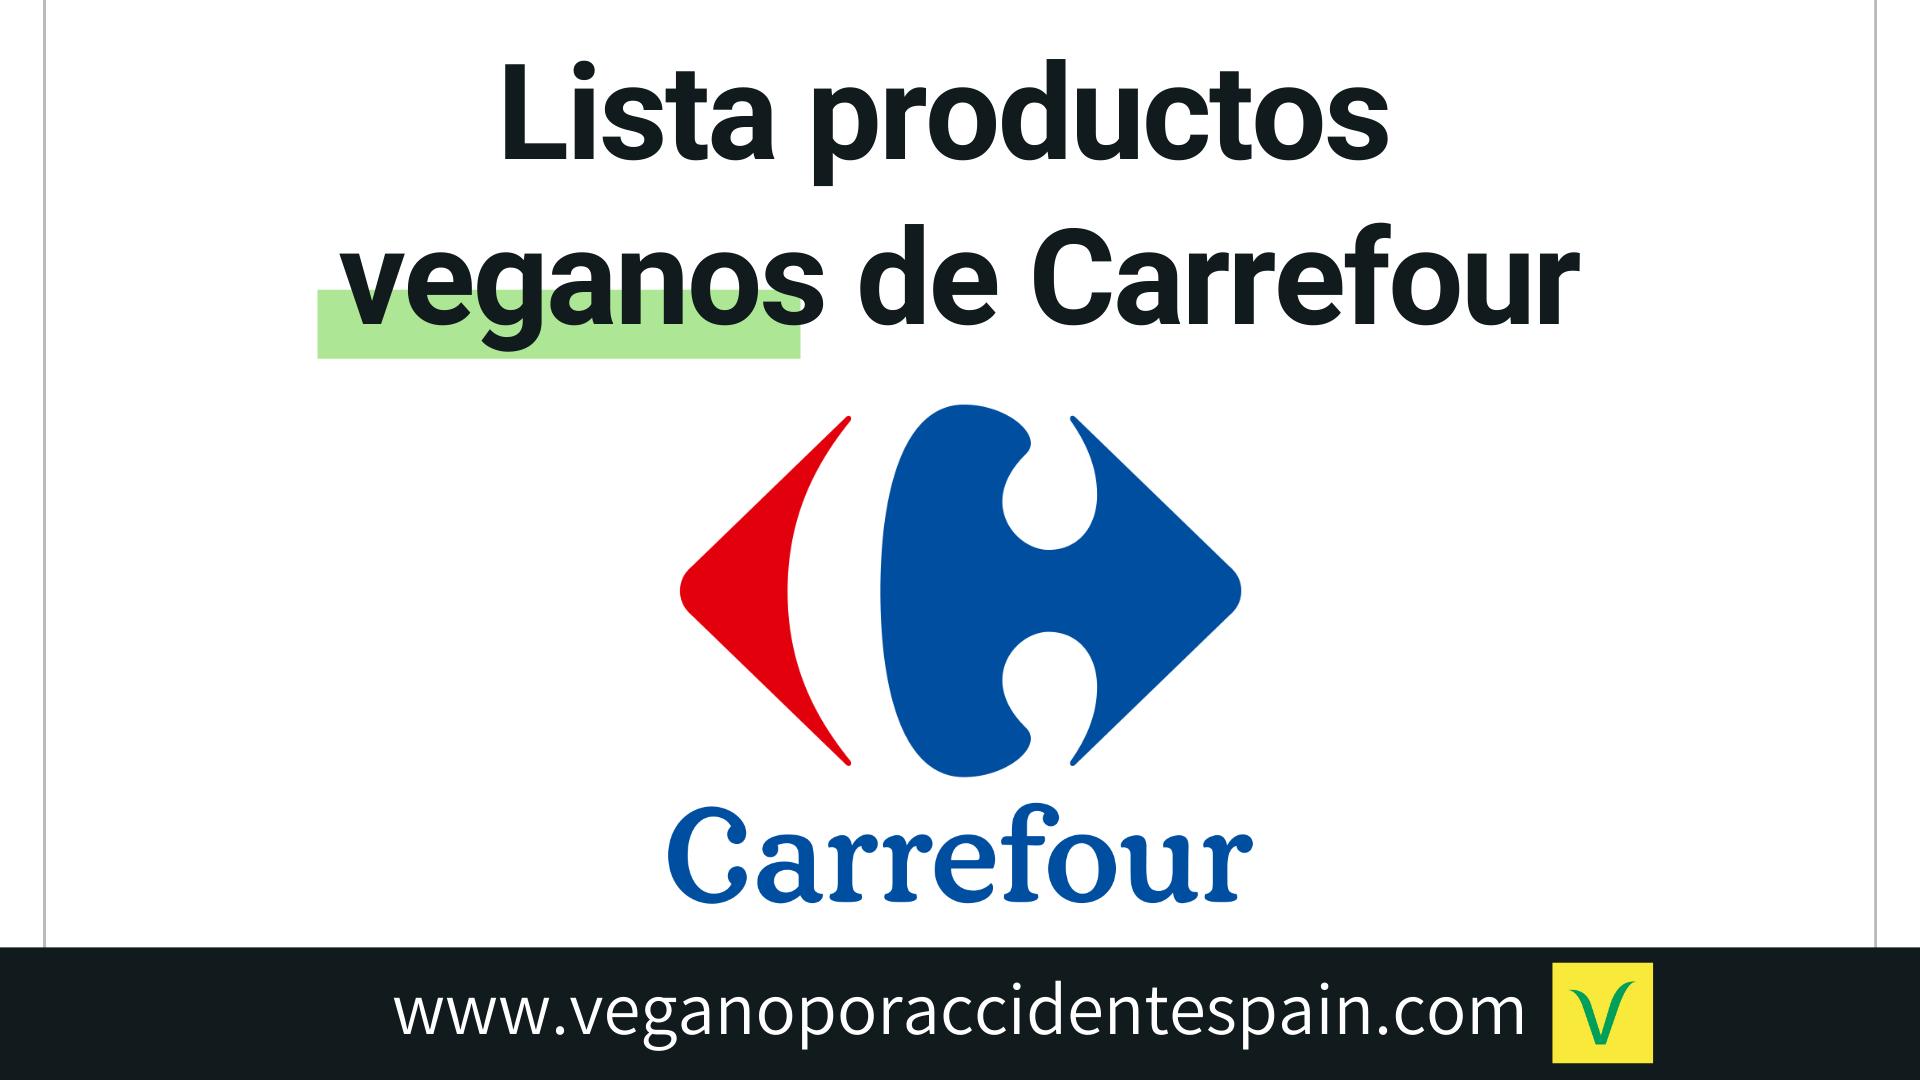 Productos veganos de Carrefour